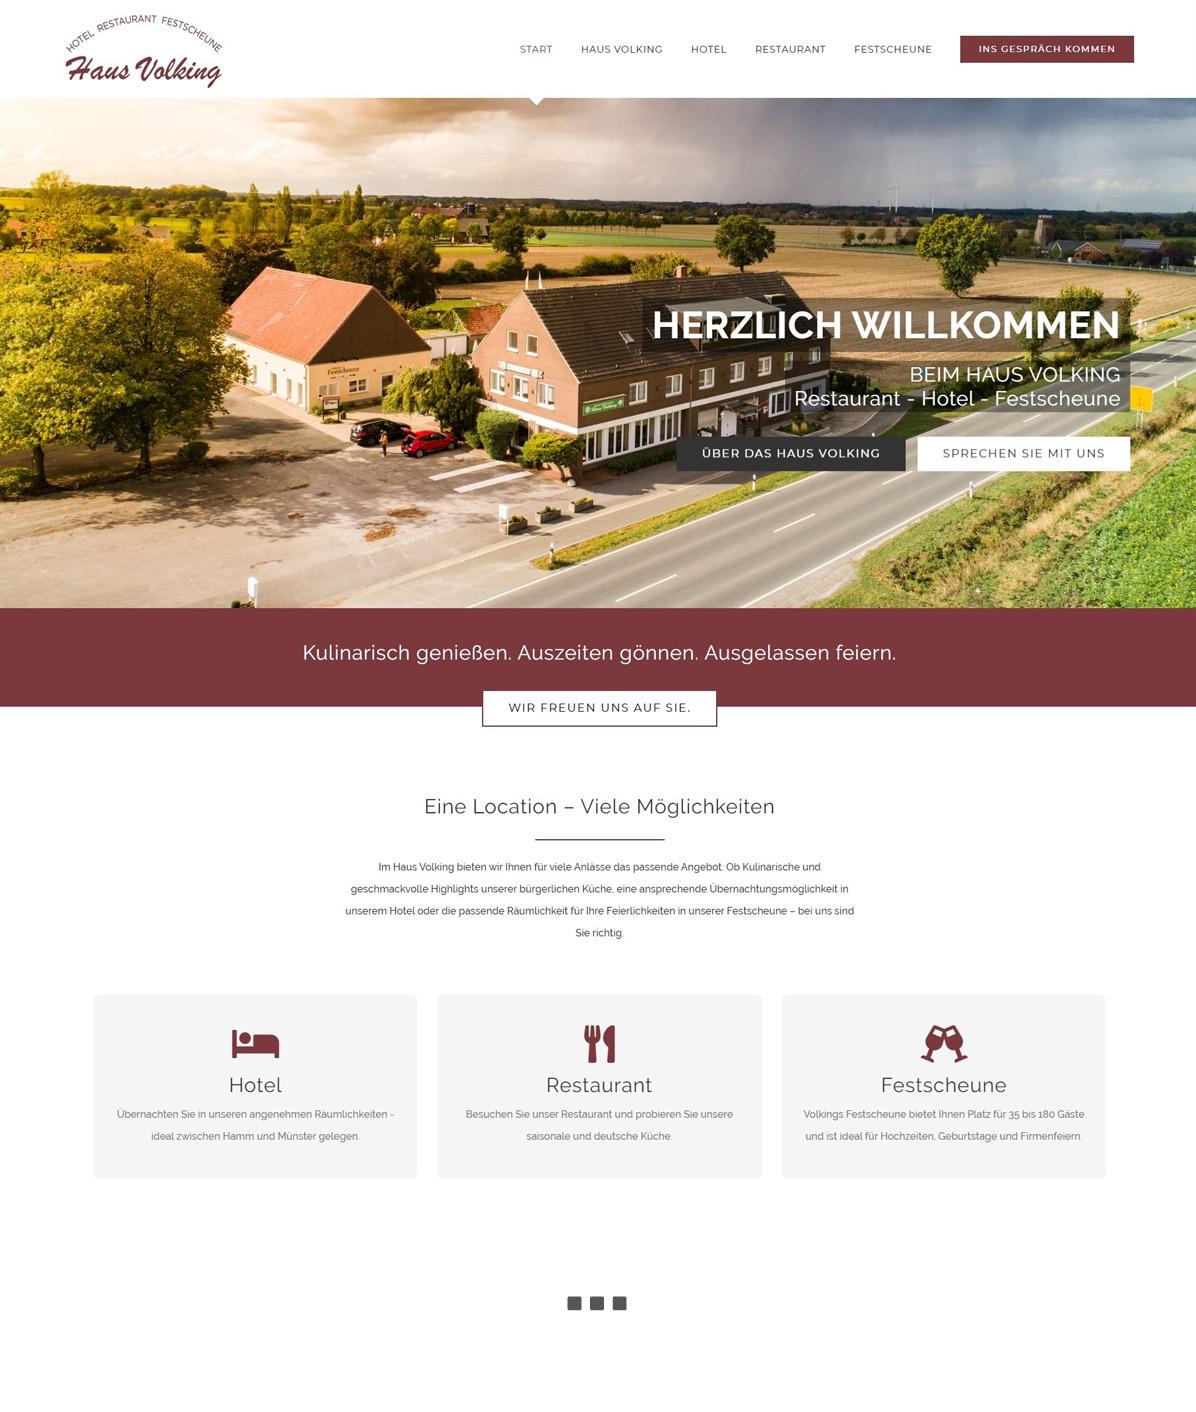 Webseite erstellt für Haus Volking